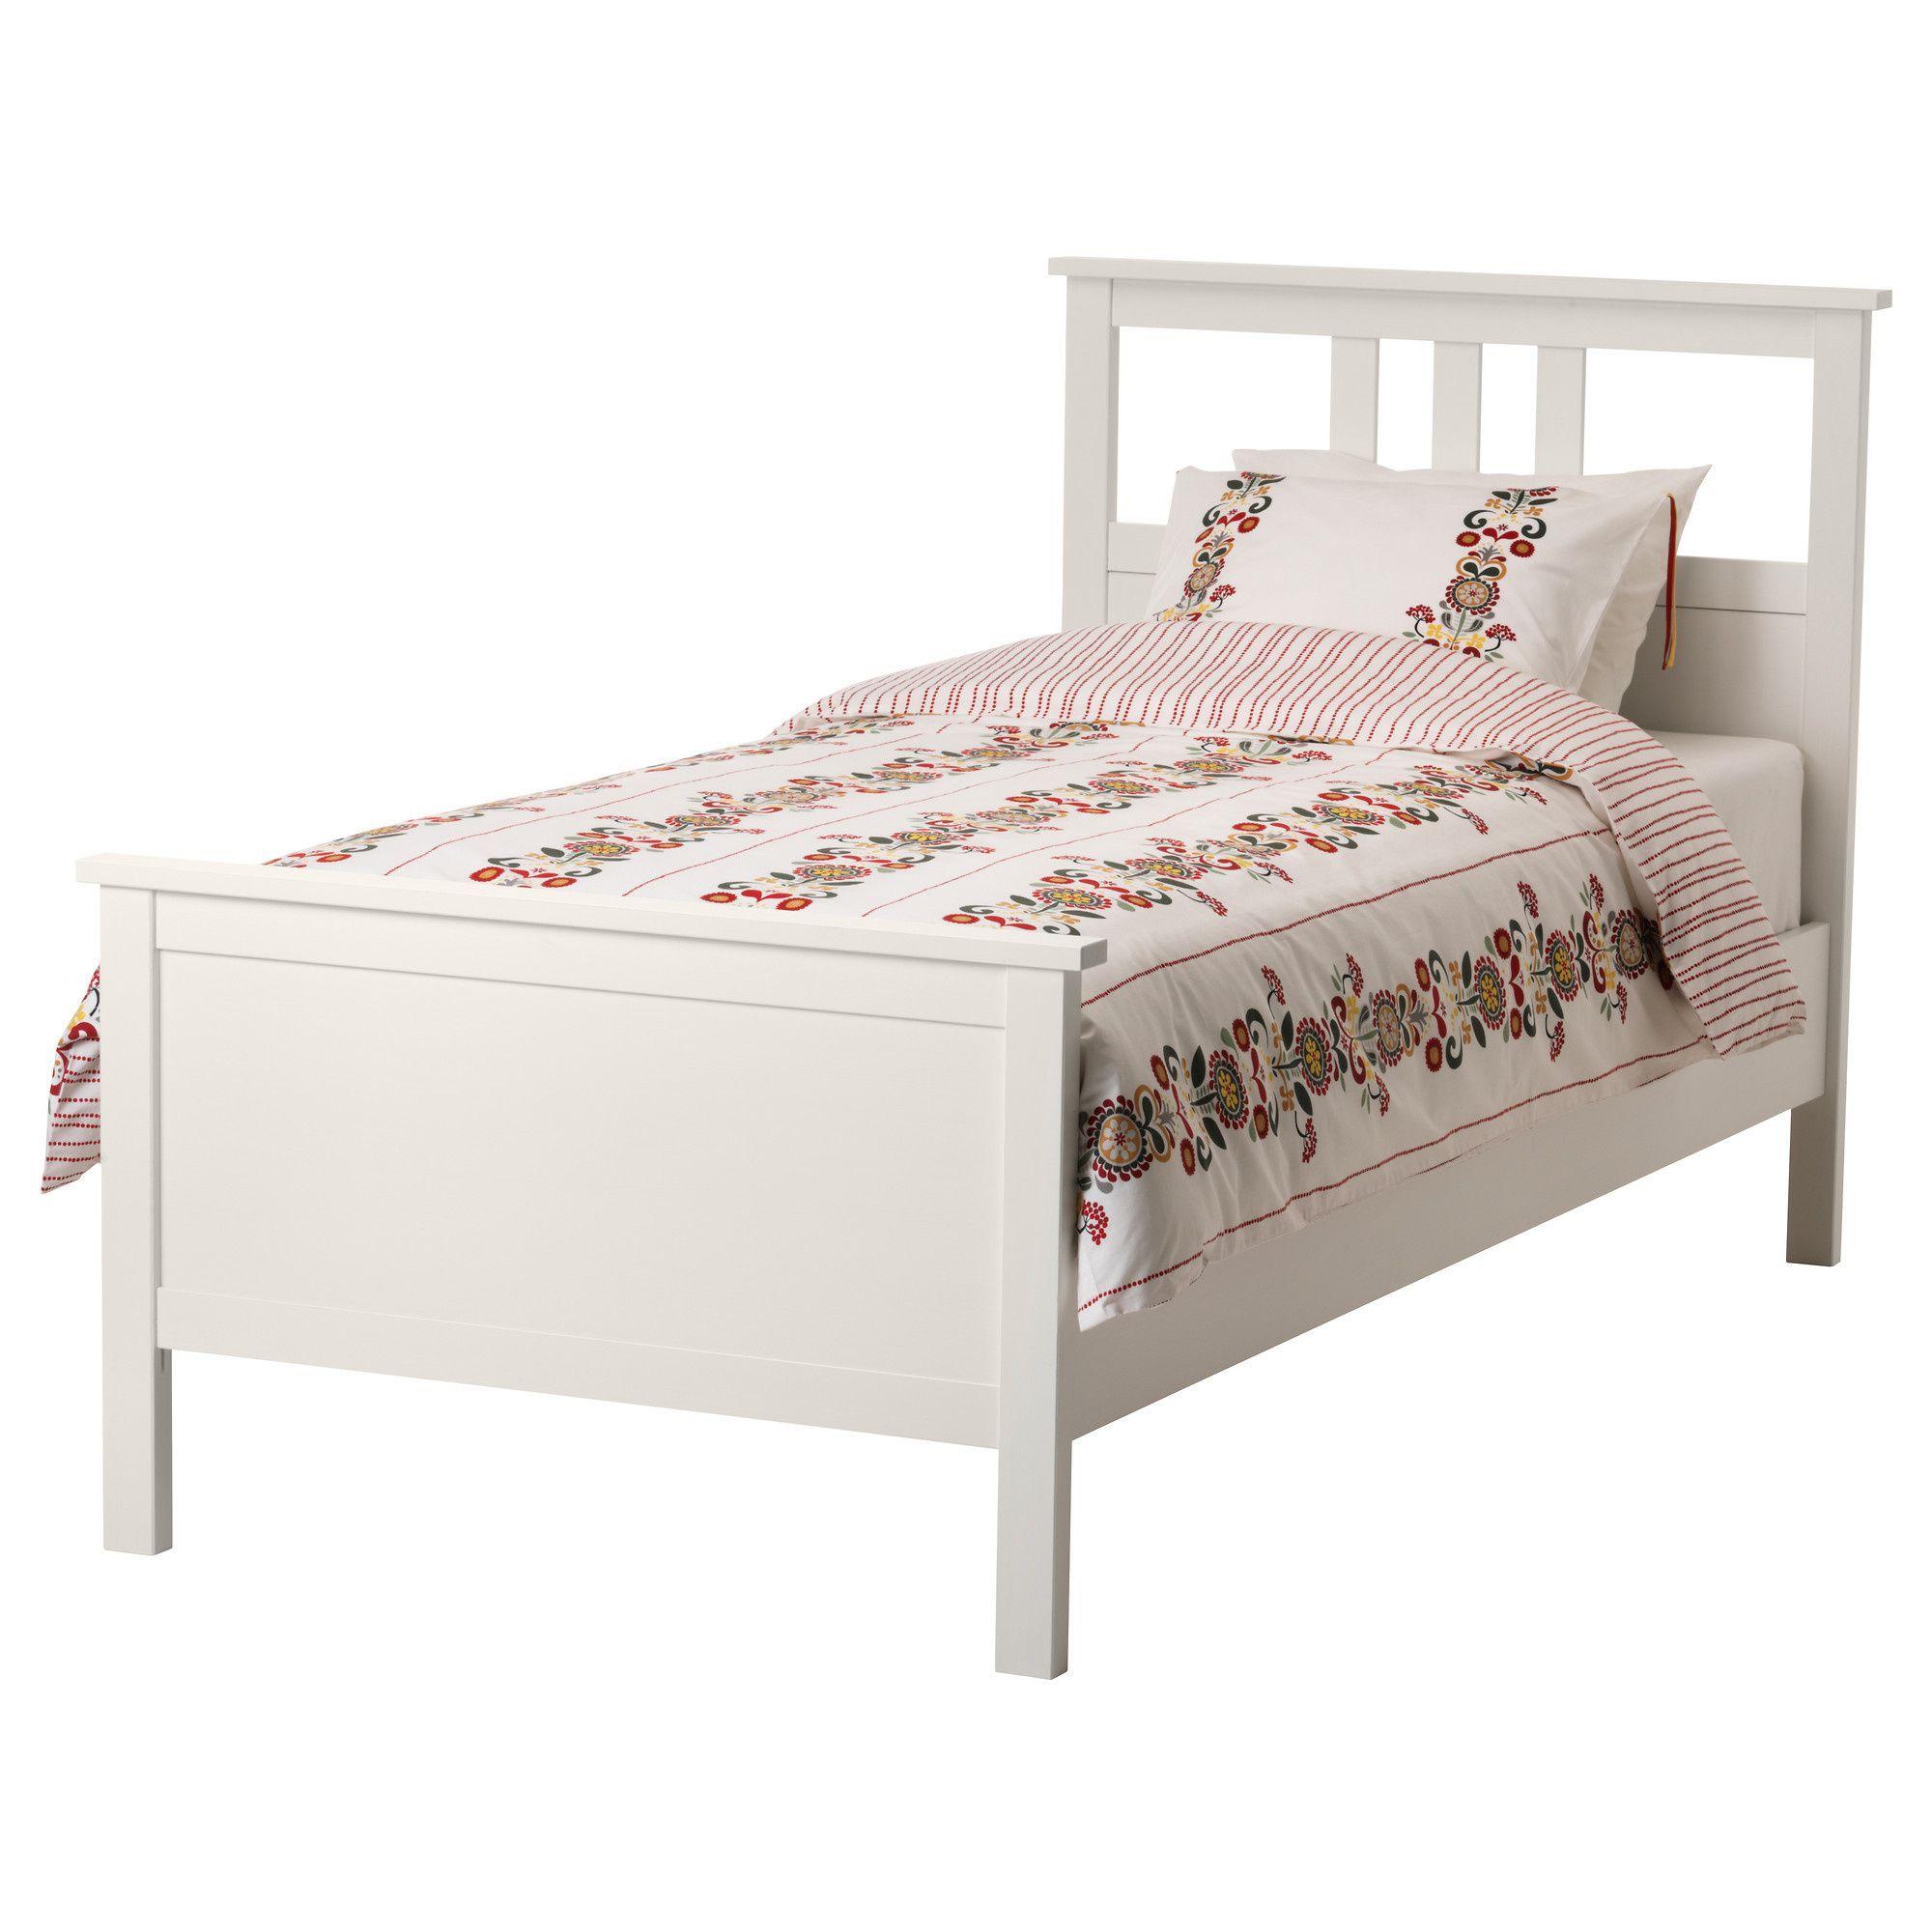 10 positif lit 1 personne avec sommier et matelas meuble. Black Bedroom Furniture Sets. Home Design Ideas